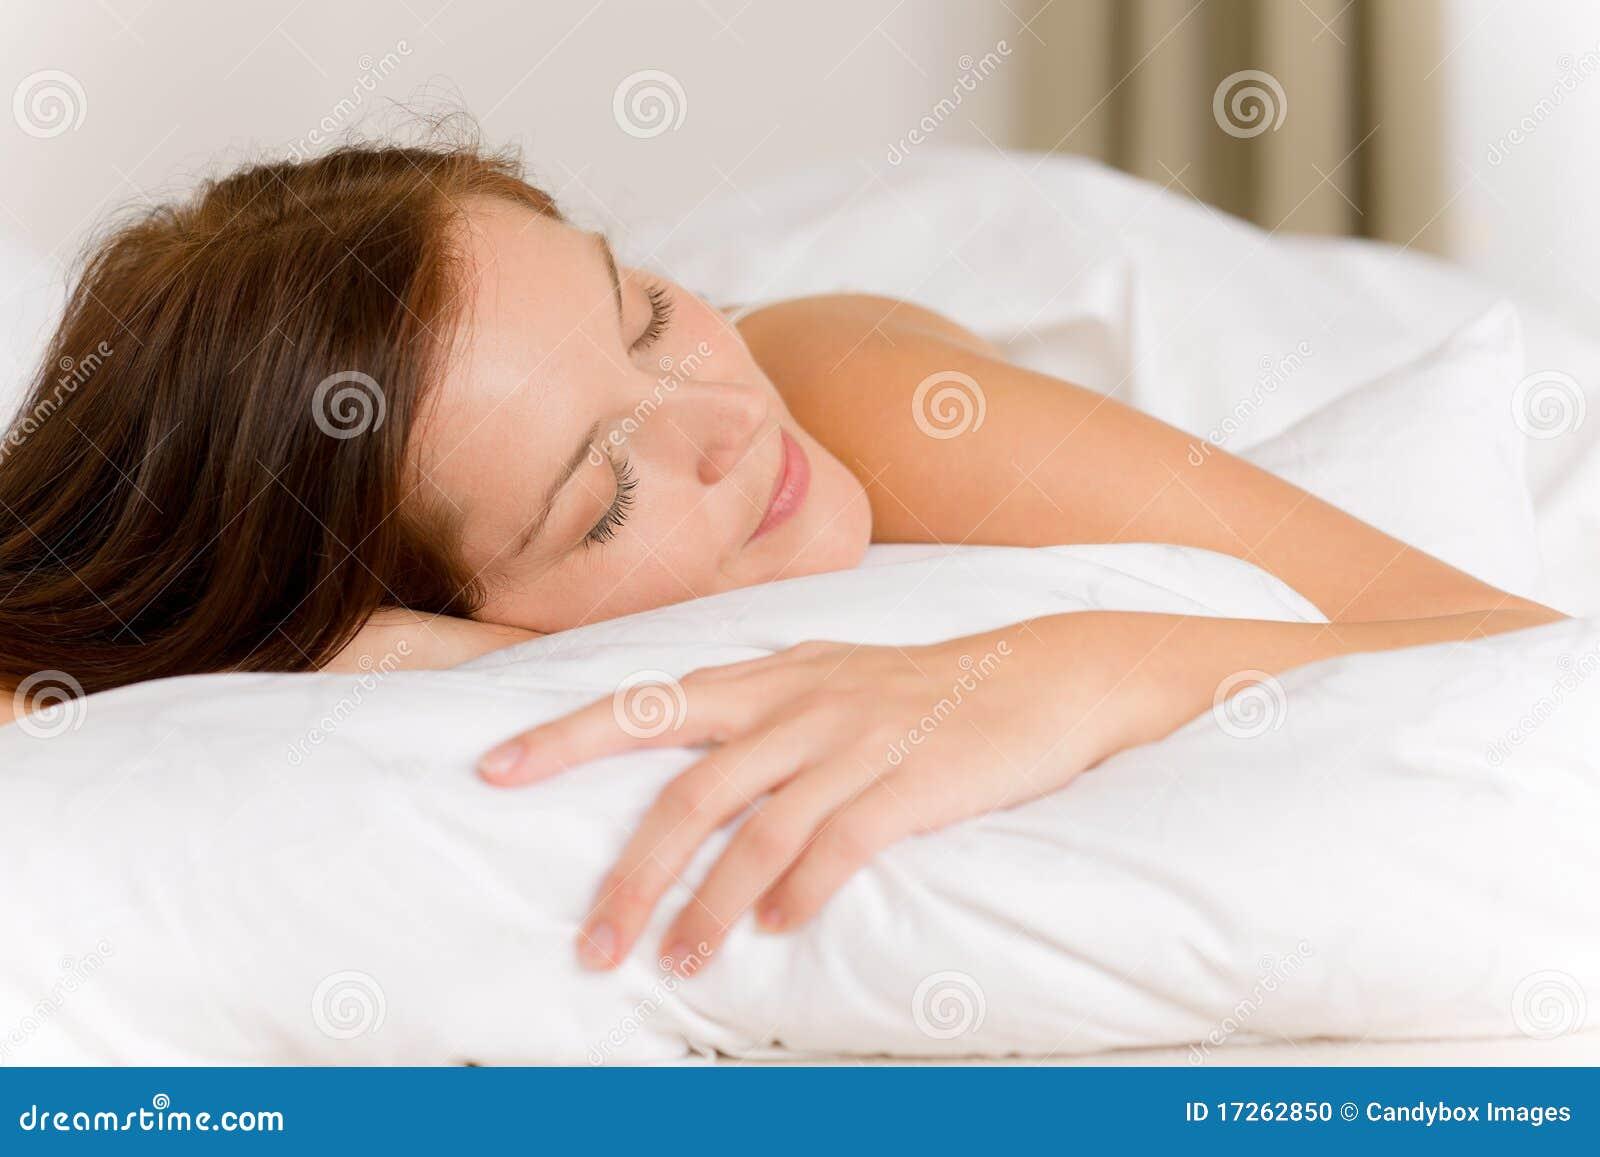 Фото девушка спит на руках